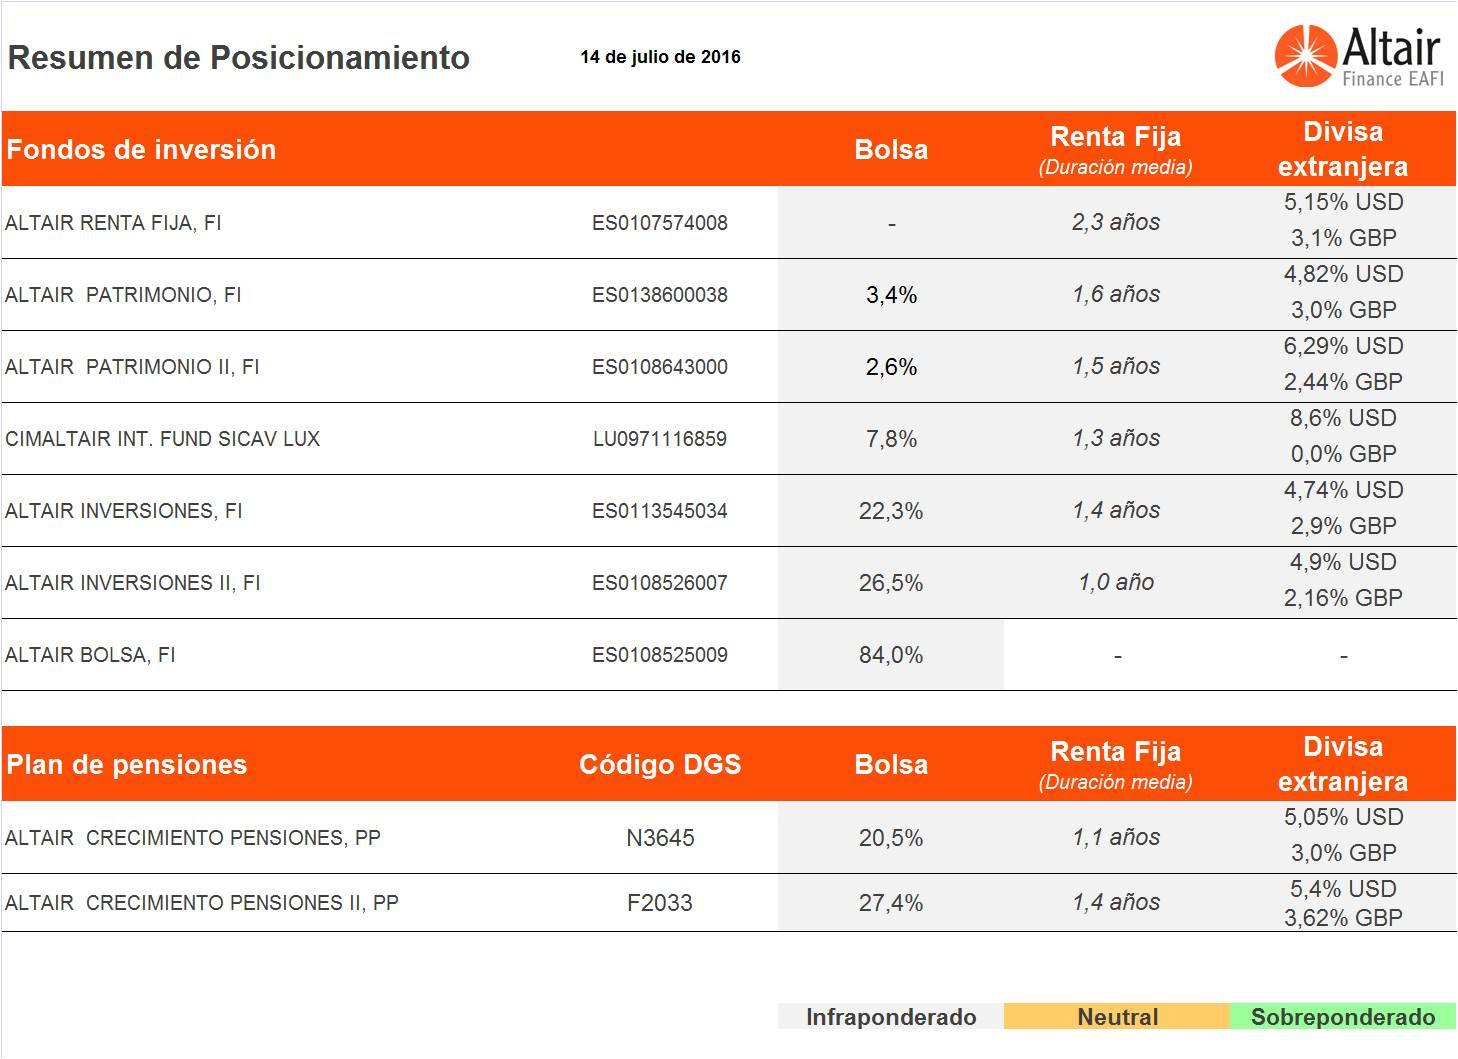 Posicionamiento-de-los-fondos-asesorados-por-altair-finance-a-14-julio-2016